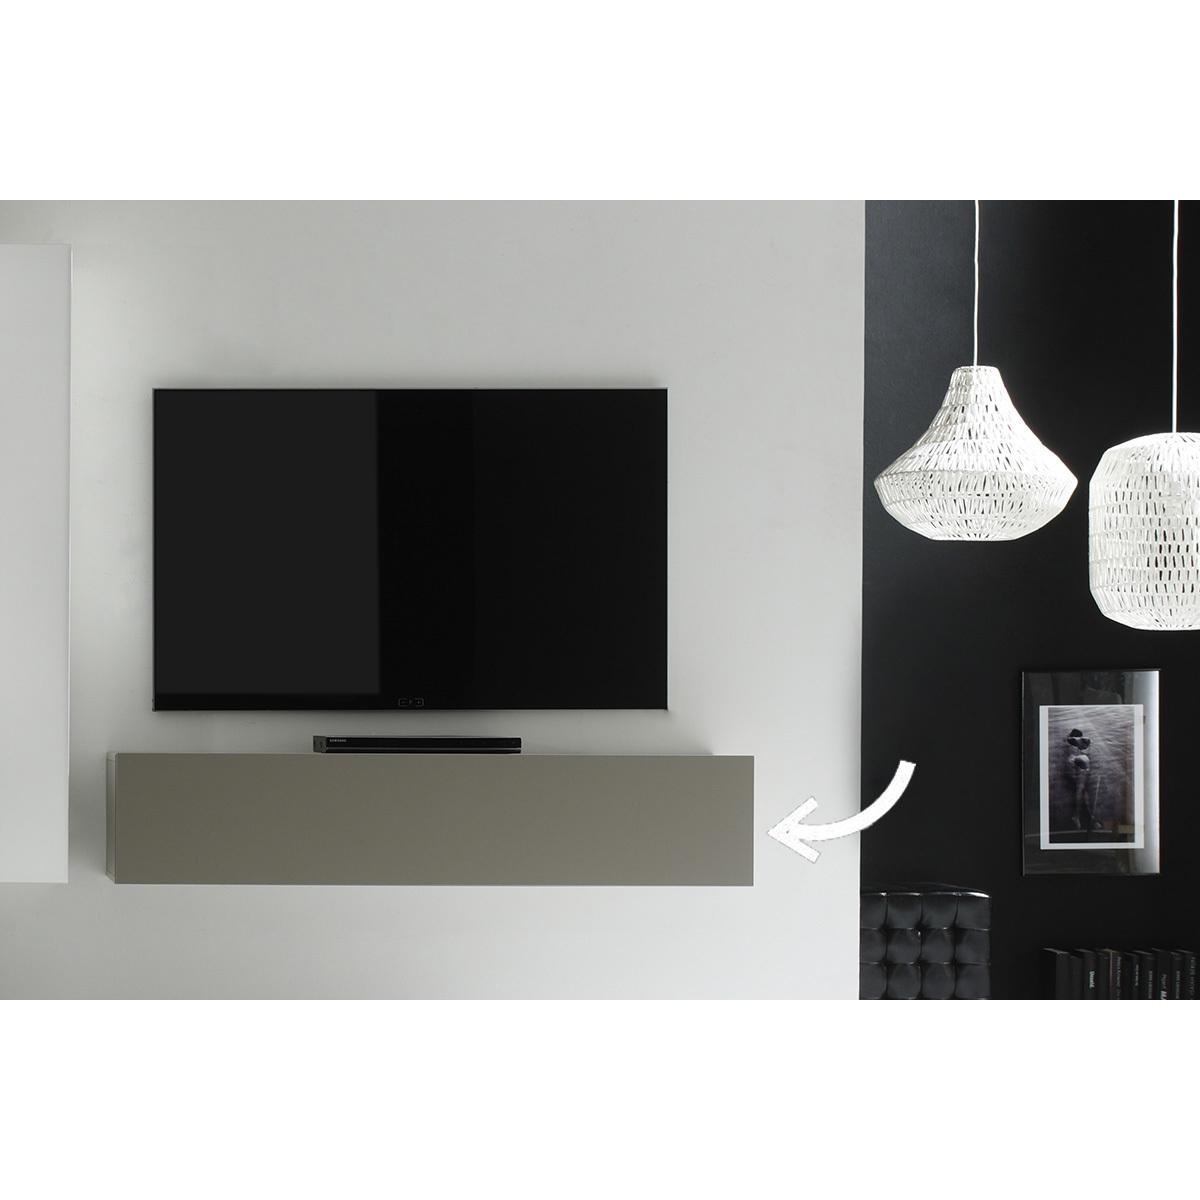 Elemento da parete TV talpa opaco orizzontale COLORED V2